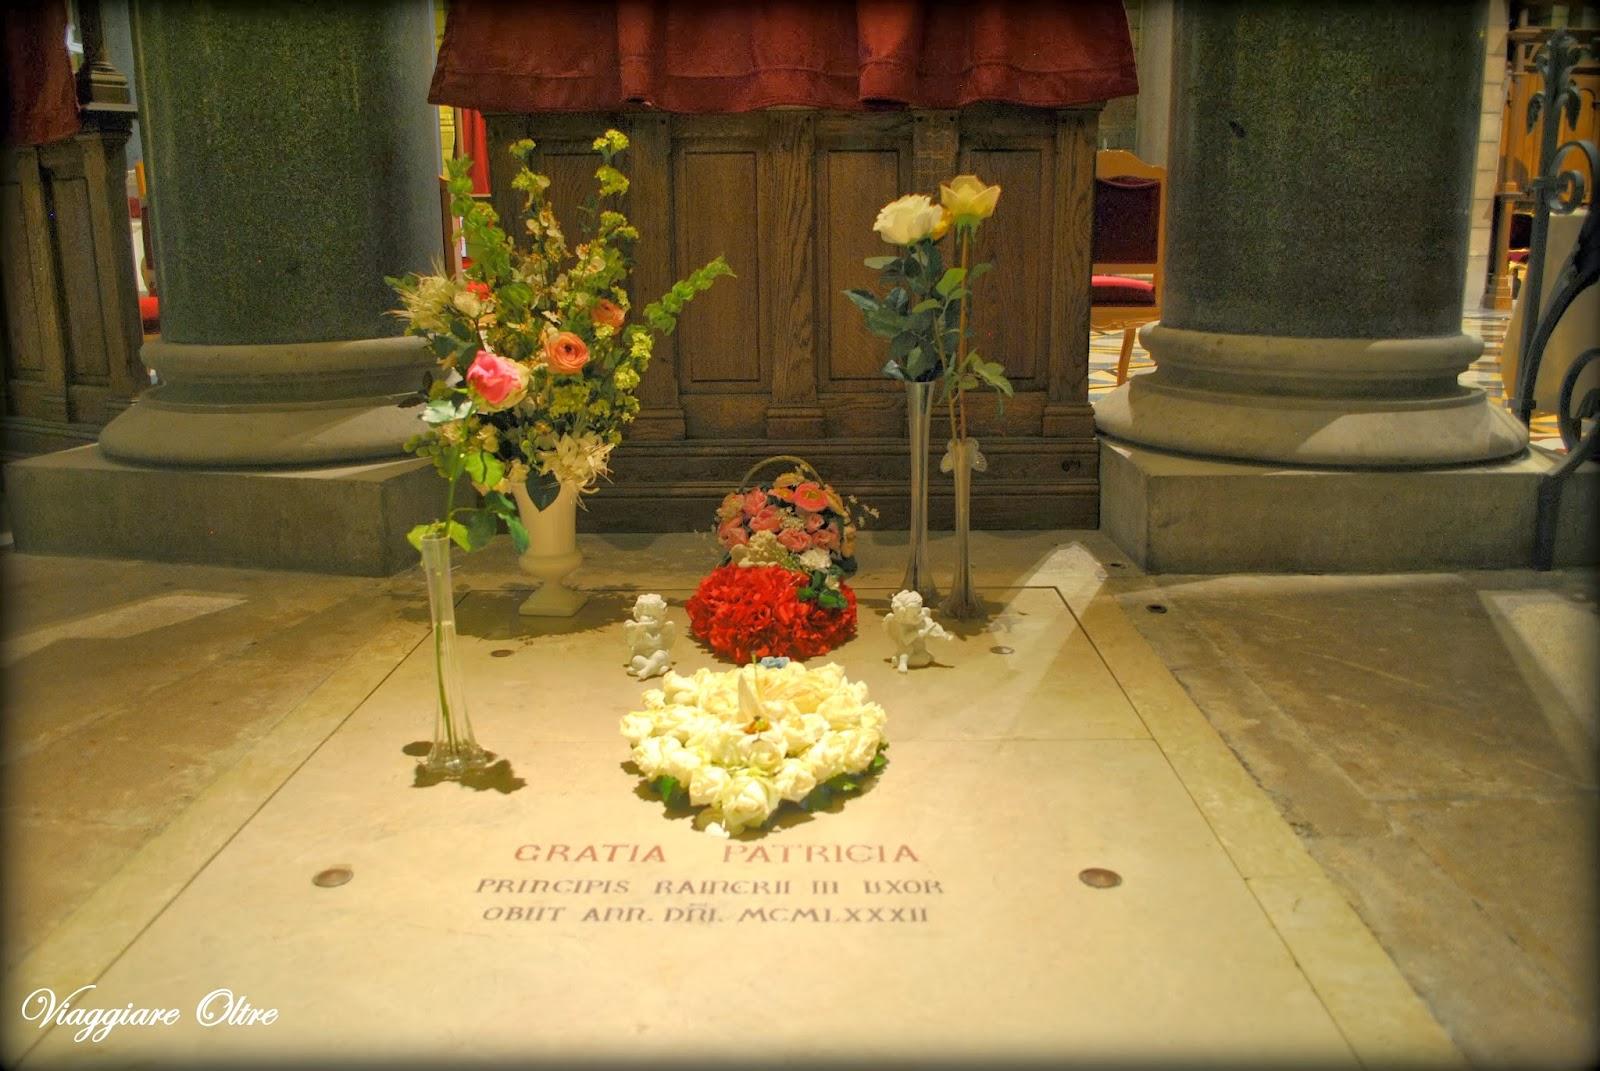 Chiesa di Grace Kelly